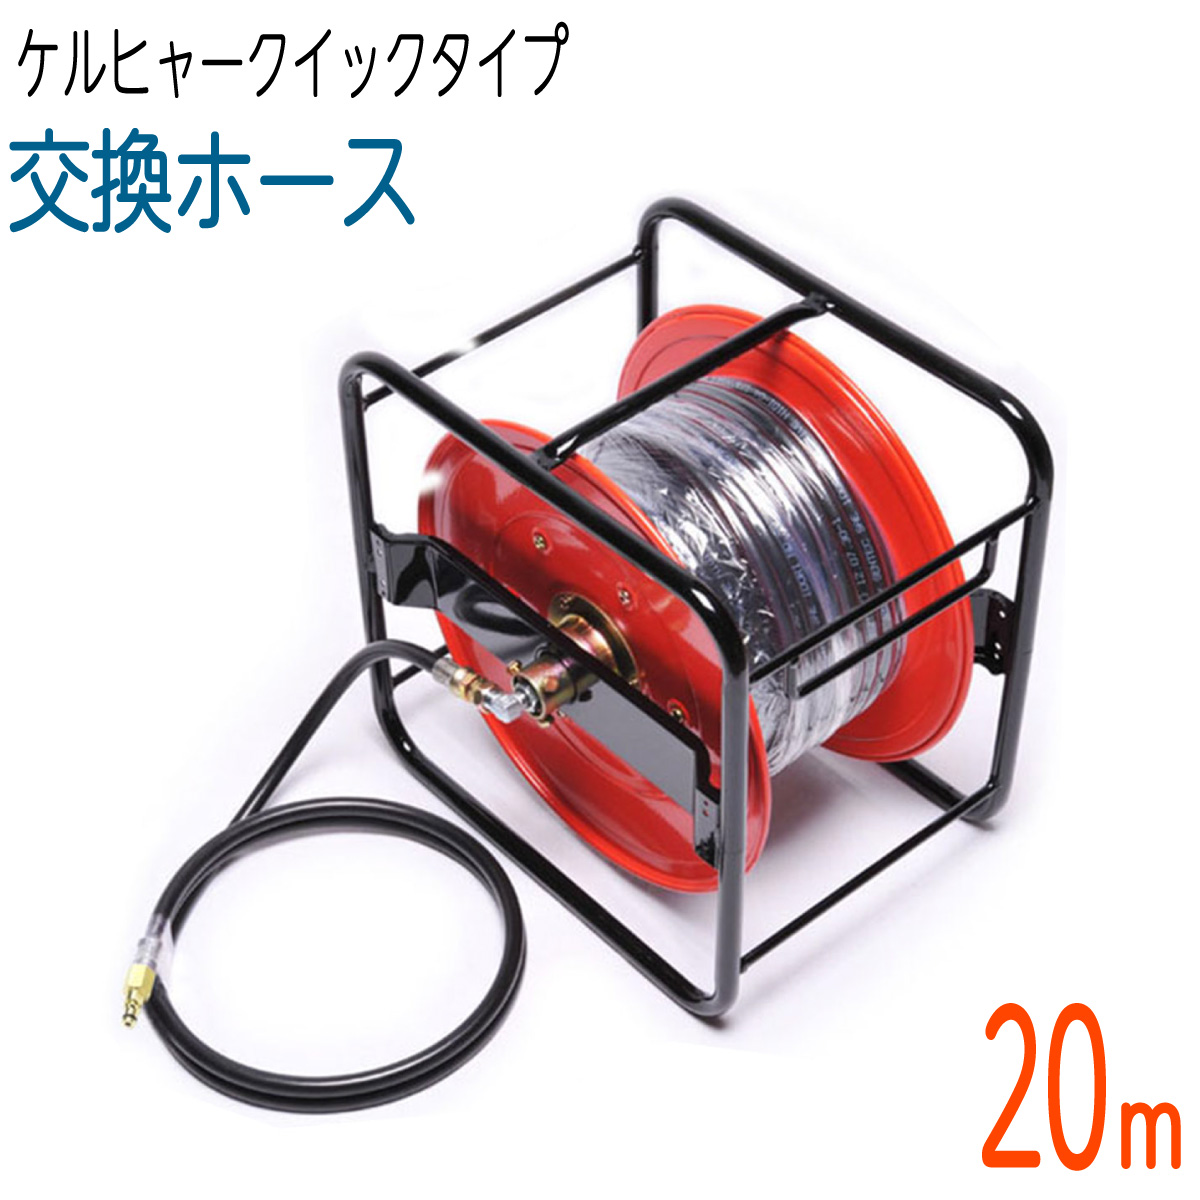 20Mリール巻き ケルヒャー互換交換用 両端クイックタイプ 片側スイベル付き 高圧洗浄機ホース コンパクトホース 2020モデル 本店